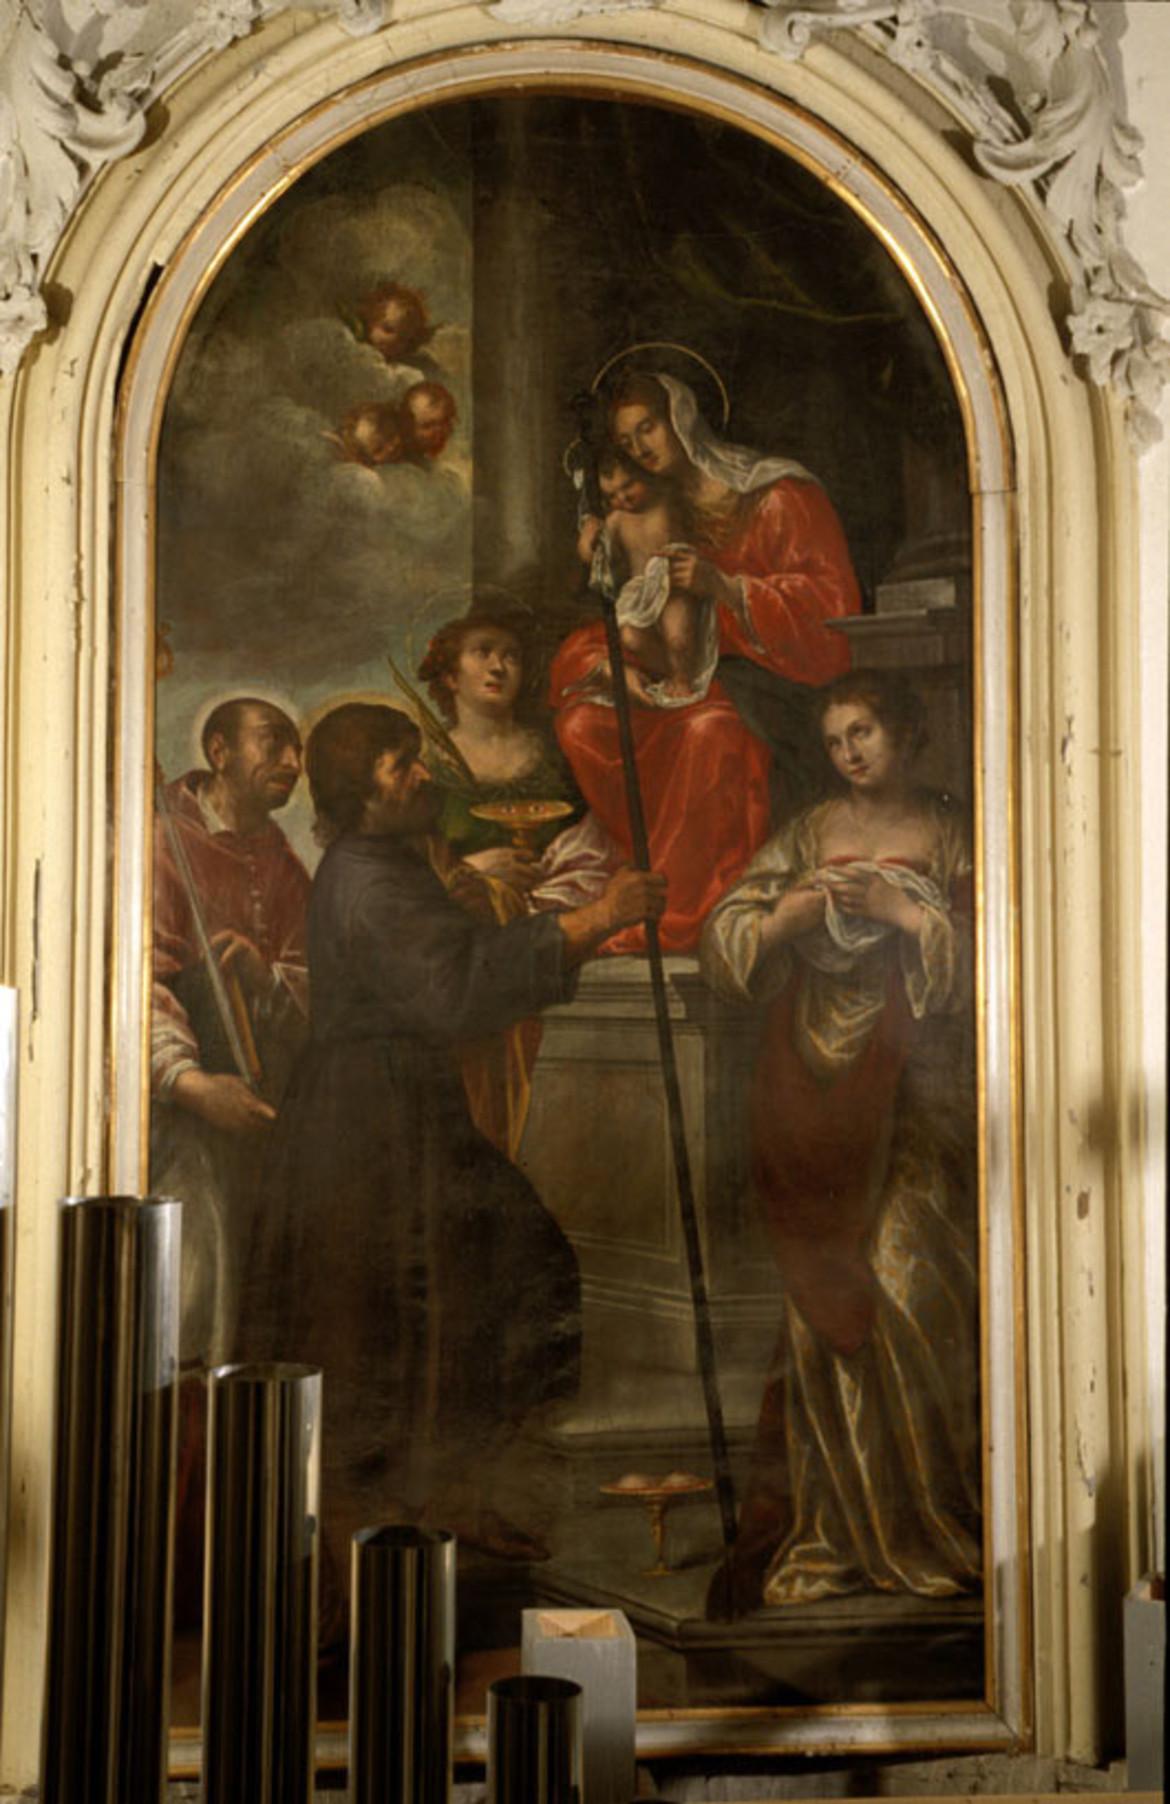 L Arte Delle Unghie: San Giacomo Apostolo: L'arte In Diocesi / Foto / Media